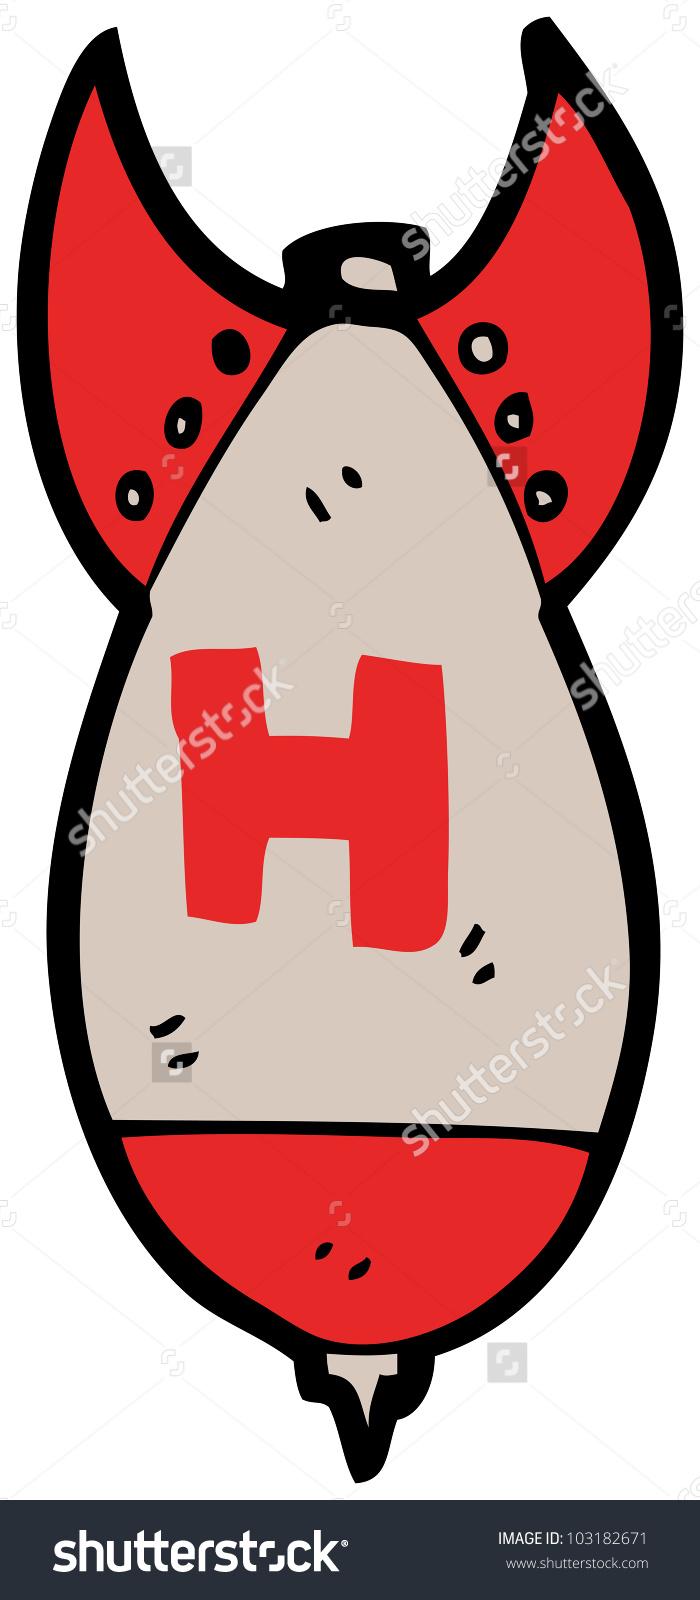 Cartoon H Bomb Stock Photo 103182671.